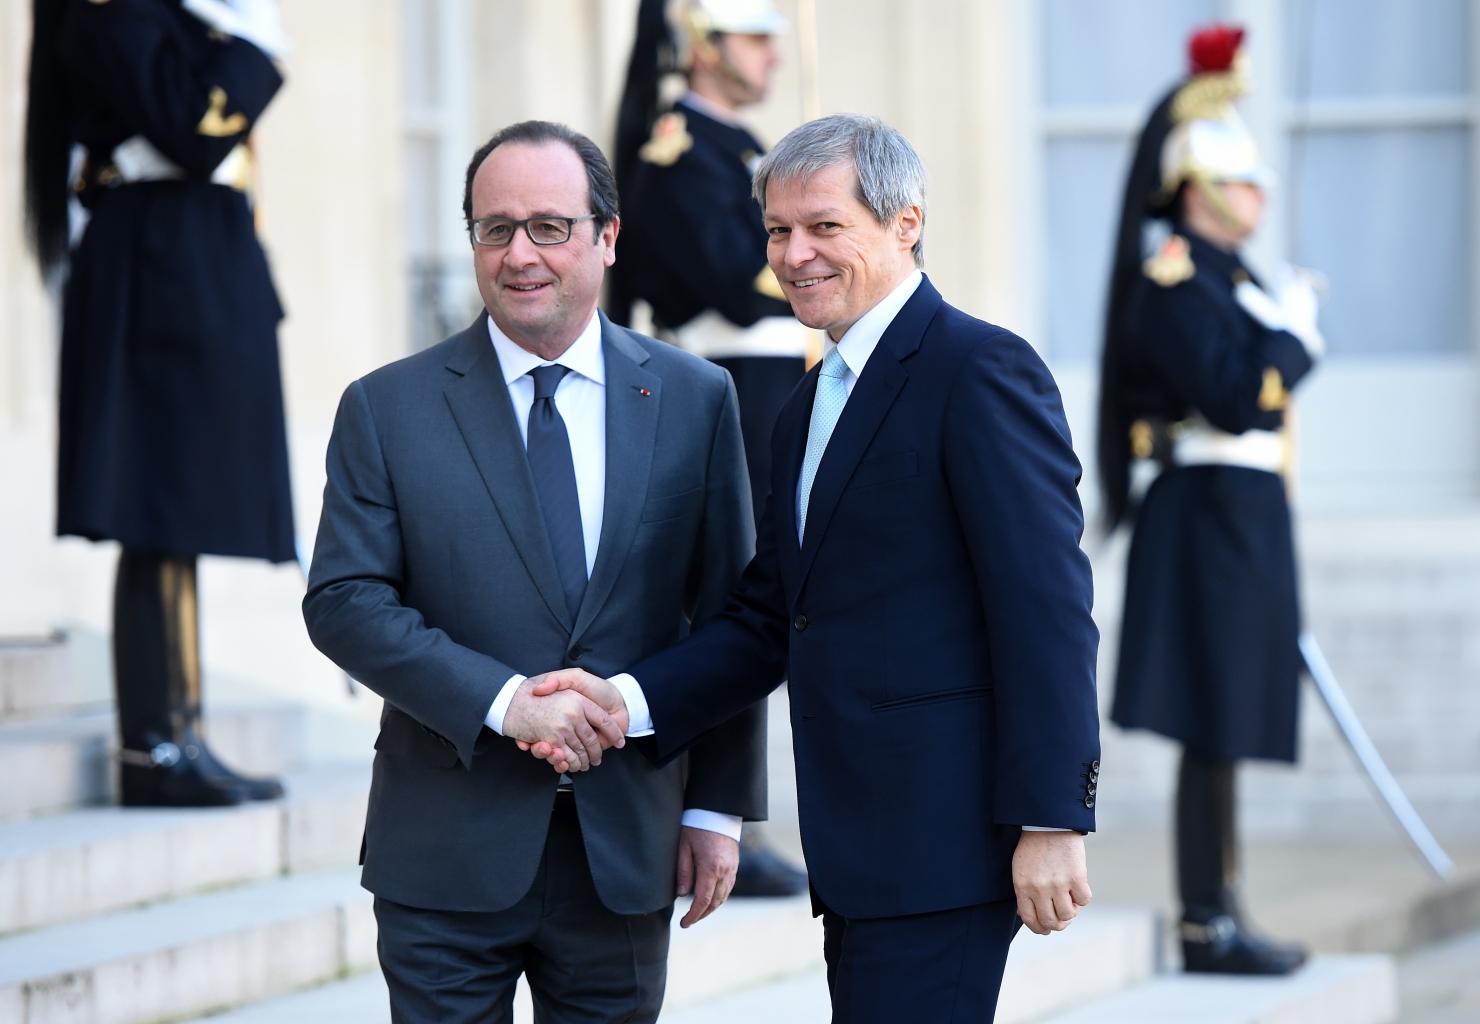 Invitat de Hollande